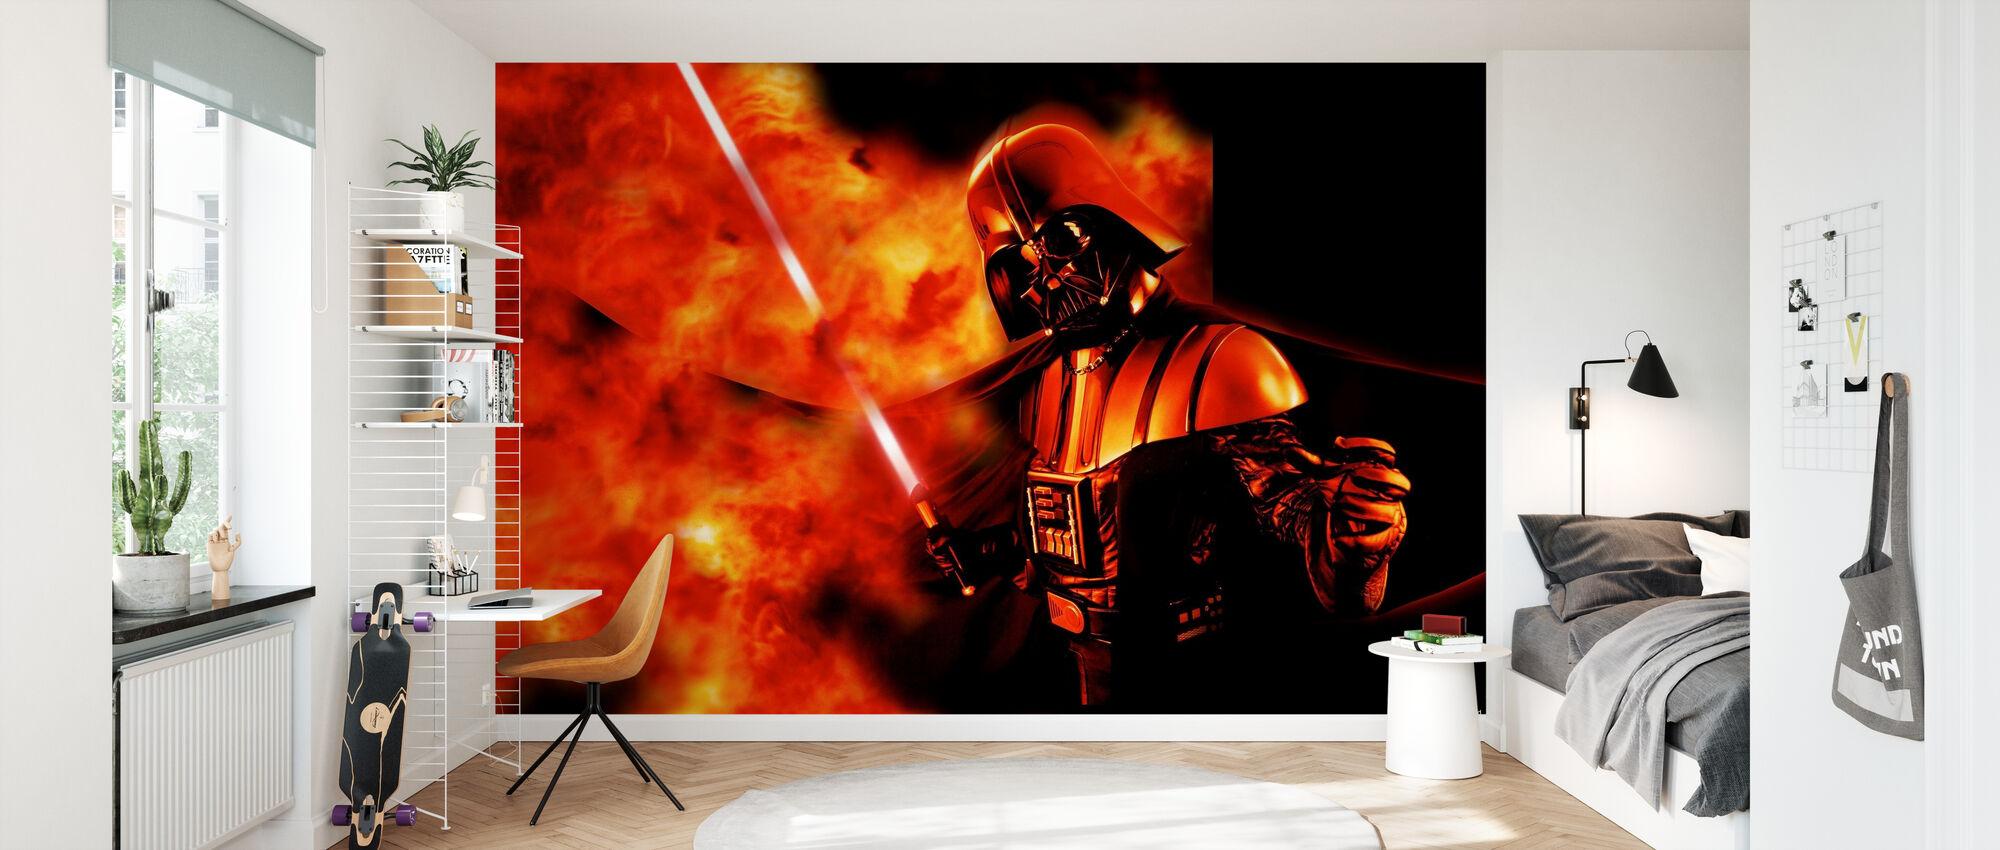 Star Wars - Darth Vader explosion 2 - Tapet - Barnrum